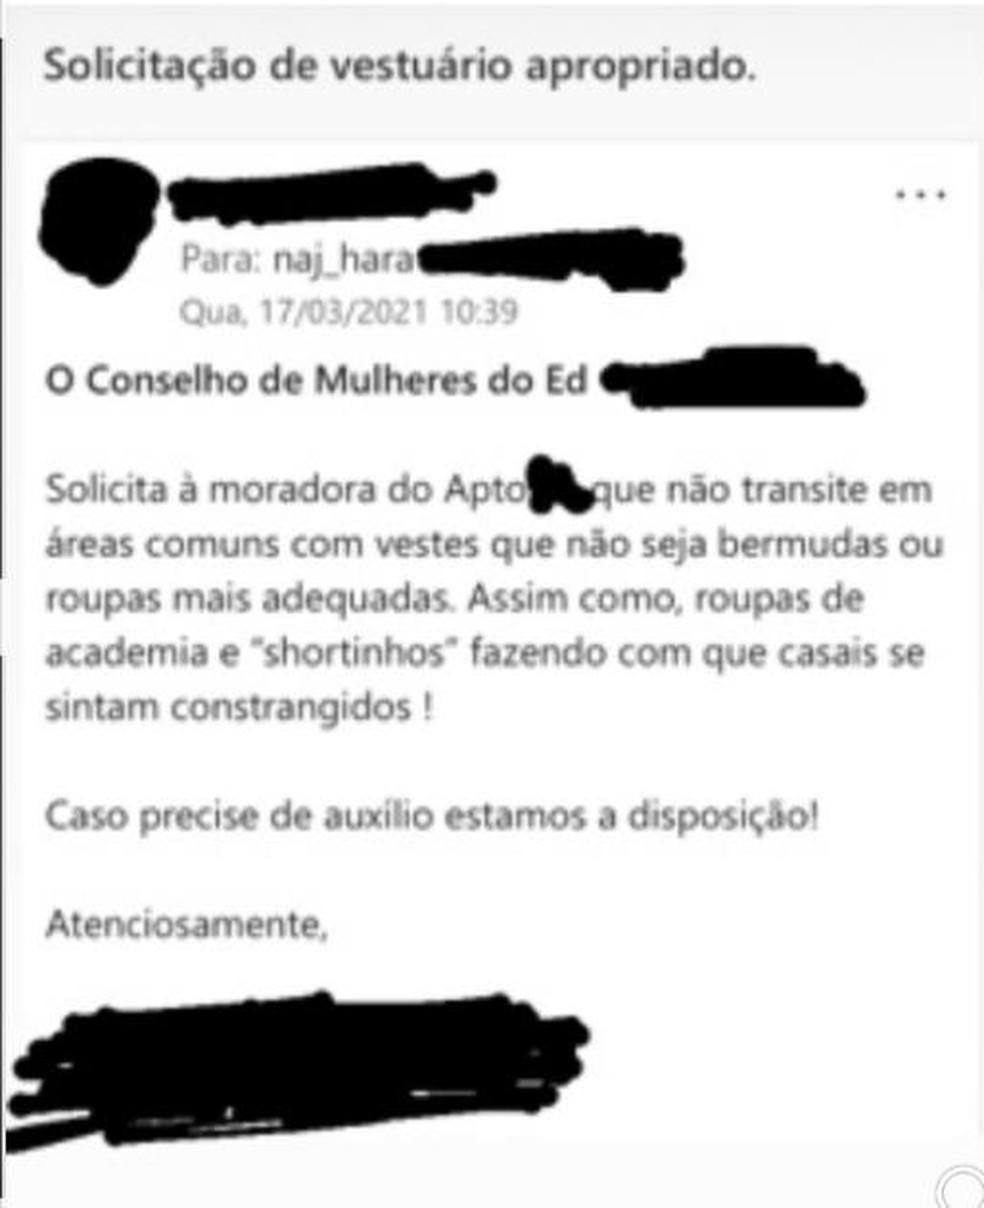 E-mail enviado para moradora do Sudoeste em Braslia pede que mulher no use shortinhos em reas comuns Foto Reproduo